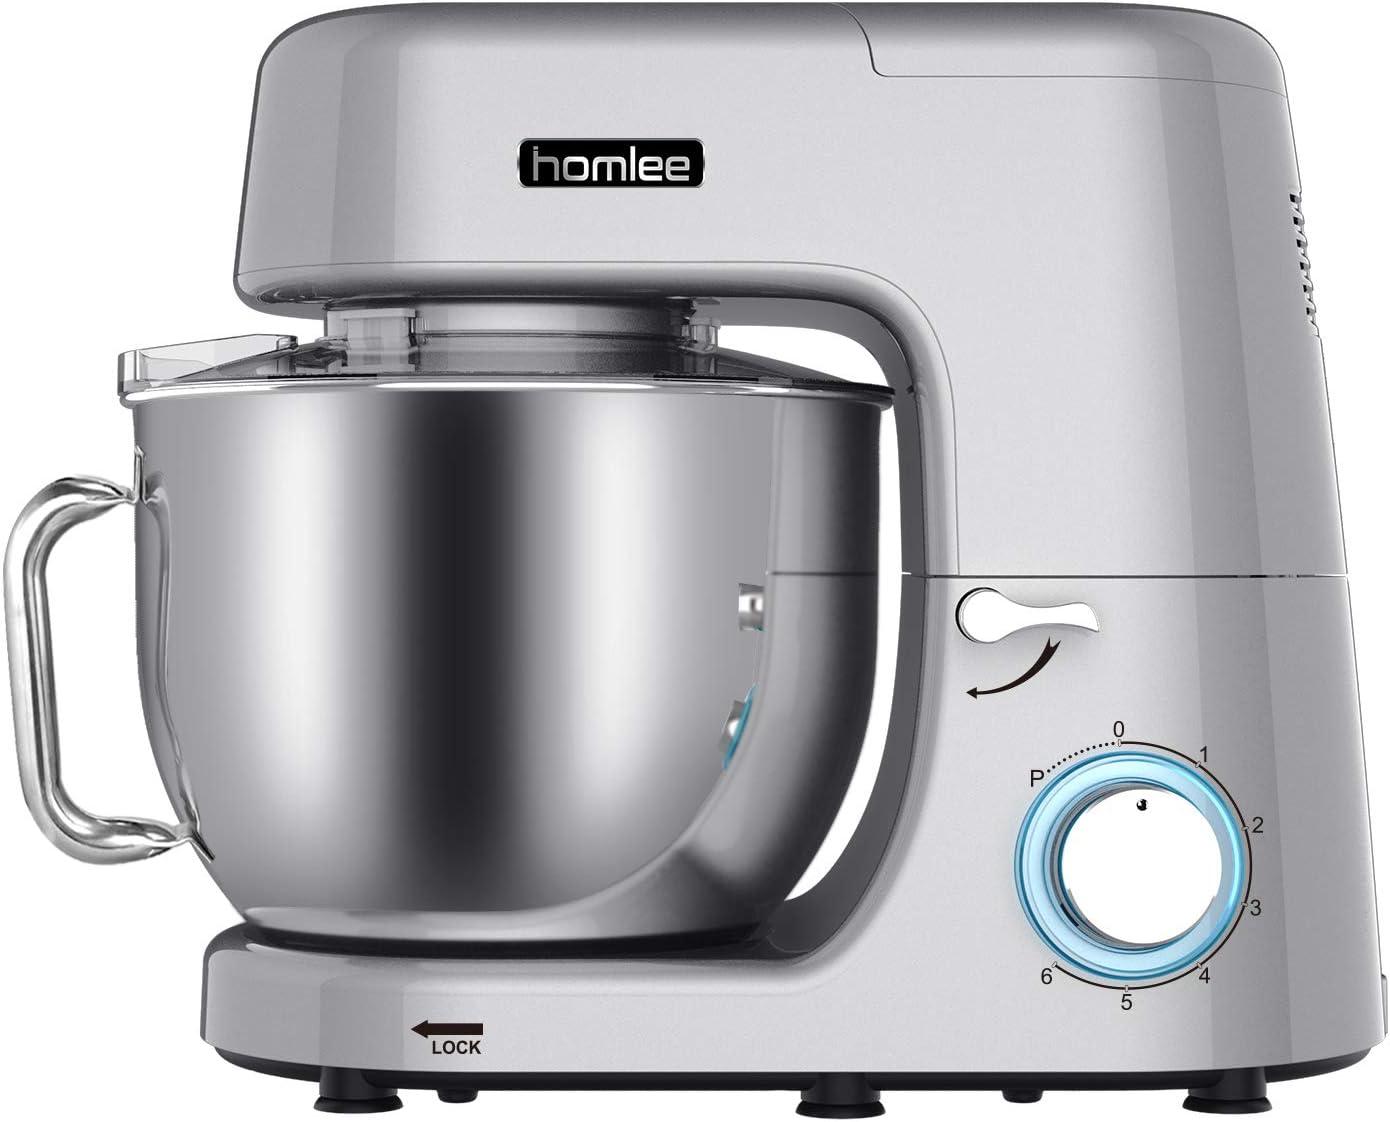 Homlee1800W Batidora Amasadora,Robot de cocina Automática Multifuncional, Profesional Amasadora de Bajo Ruido para Repostería Alta potencia Amasadora de pan con Cuenco de 7,2L: Amazon.es: Hogar